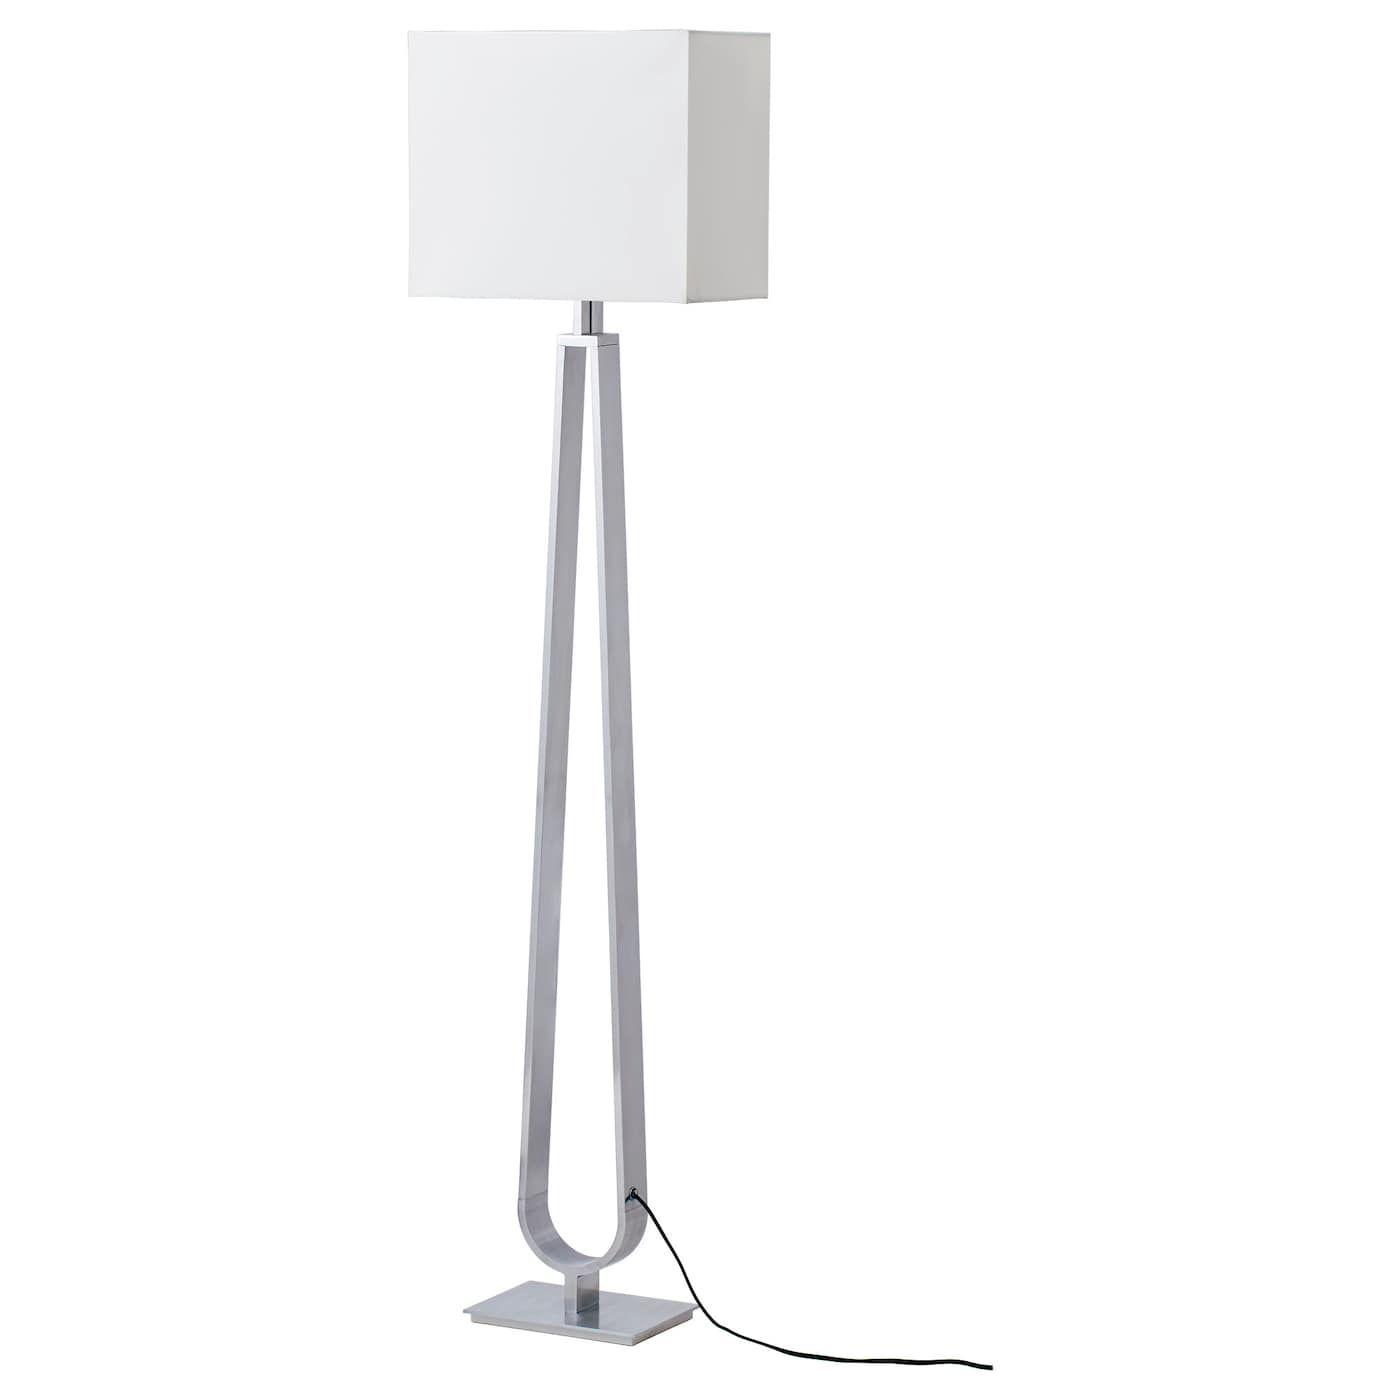 Klabb Staande Lamp Ecru Lampen Lichtarmaturen En Verlichting